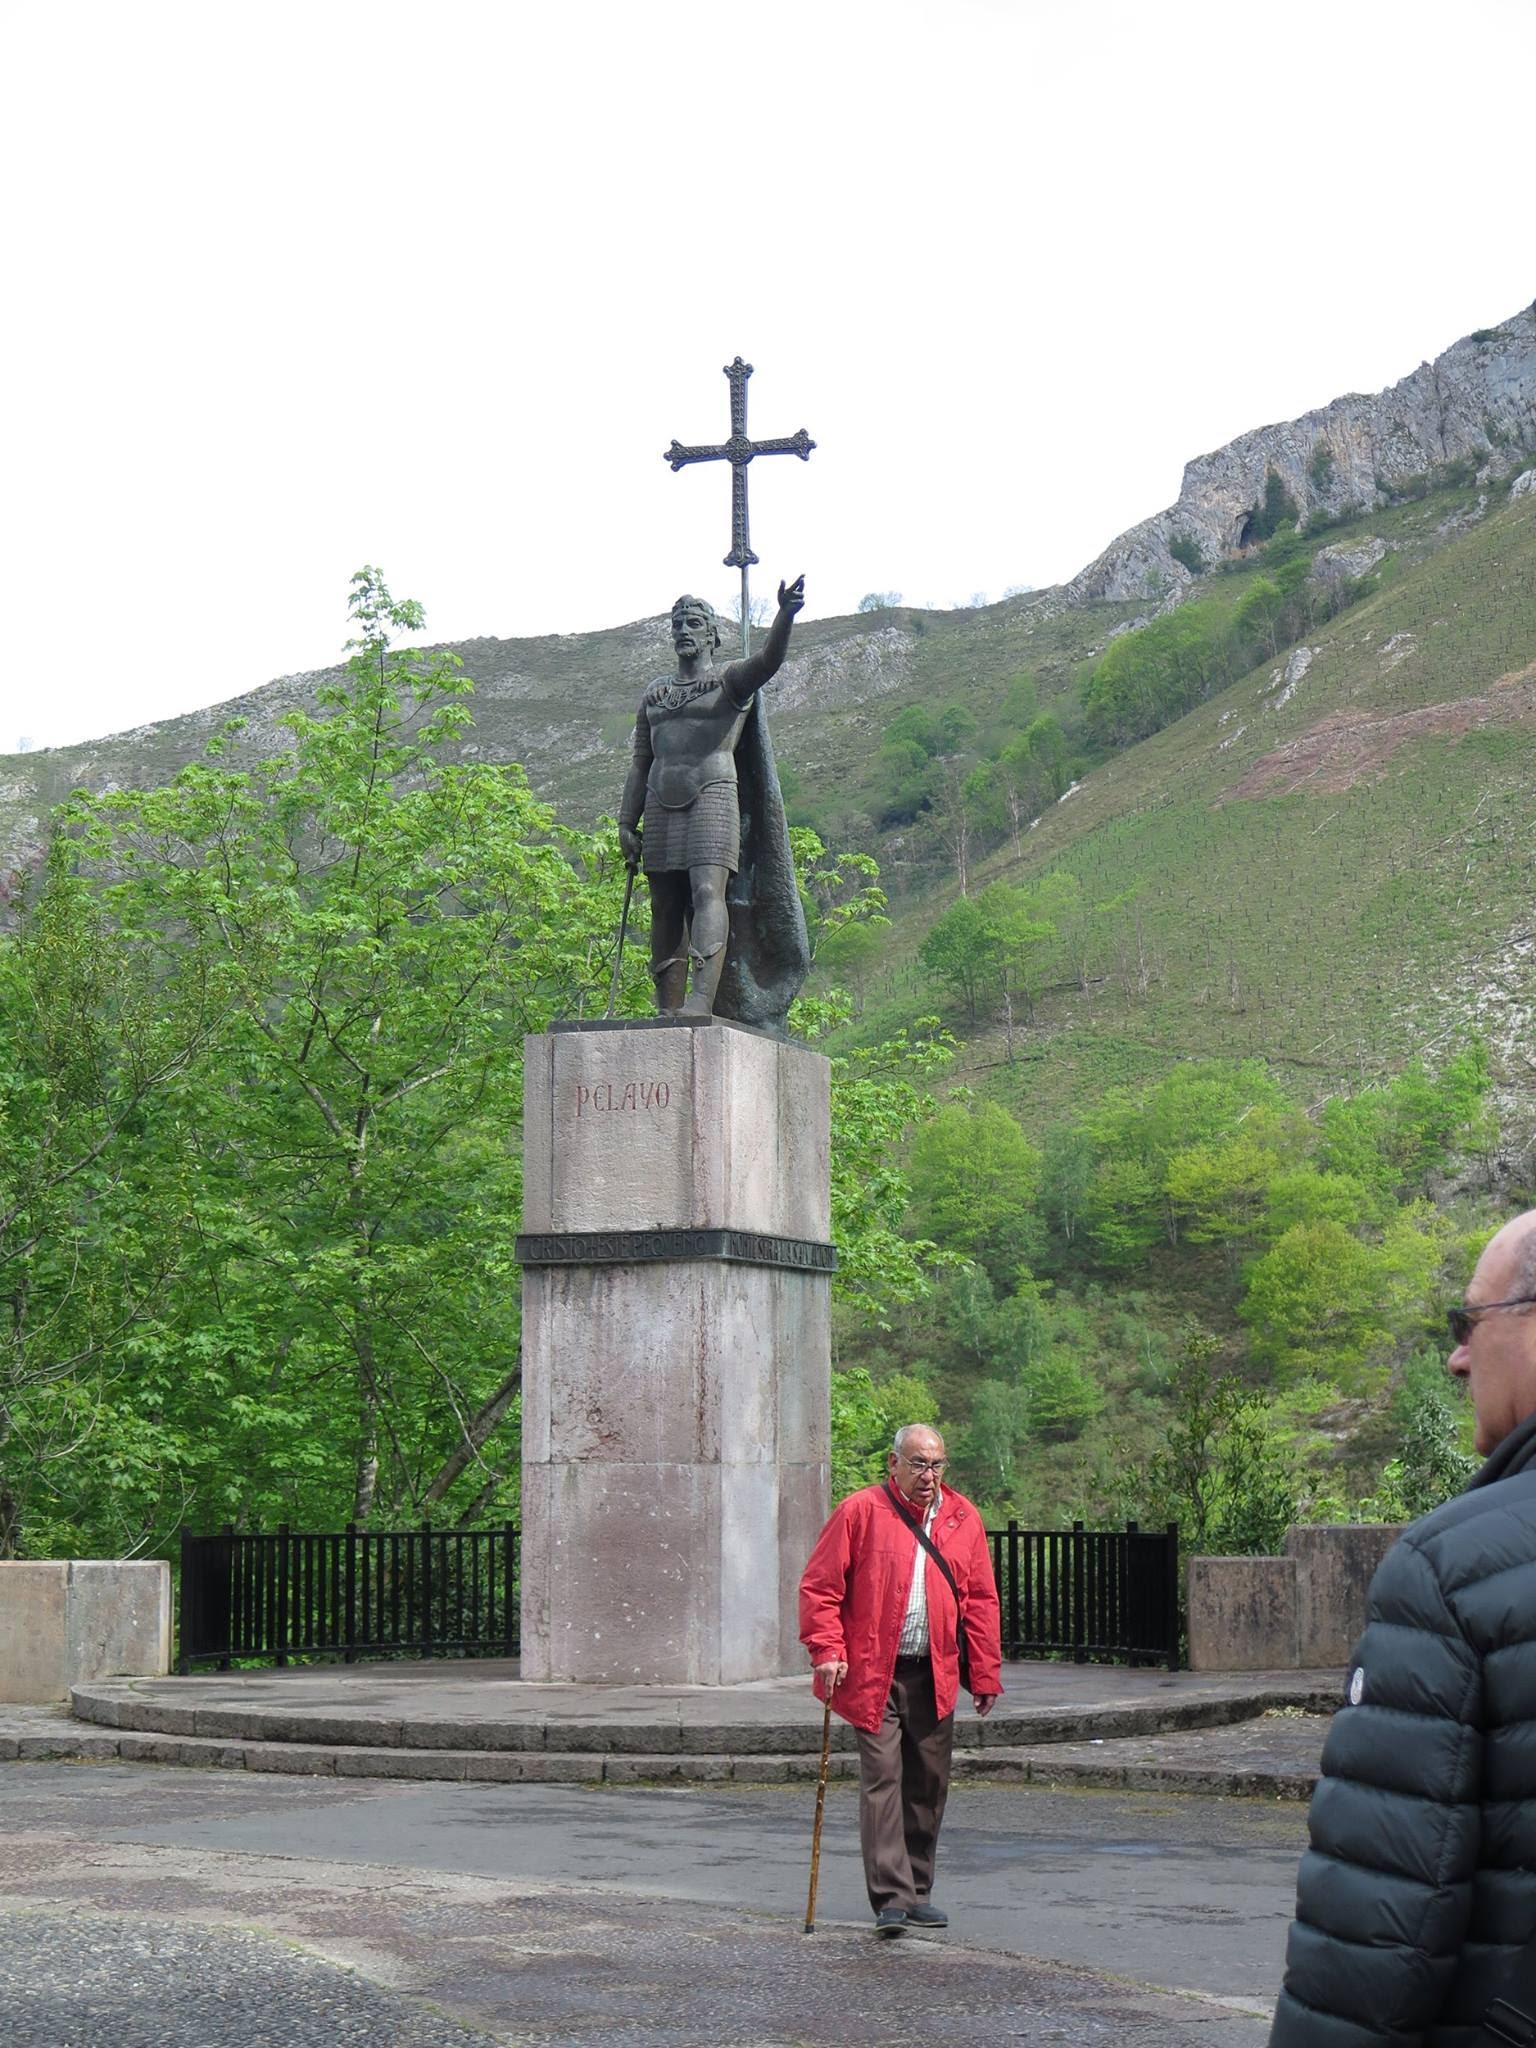 2017.05.2 y3 - Viaje Covadonga Sector Hnos. Mayores (8)